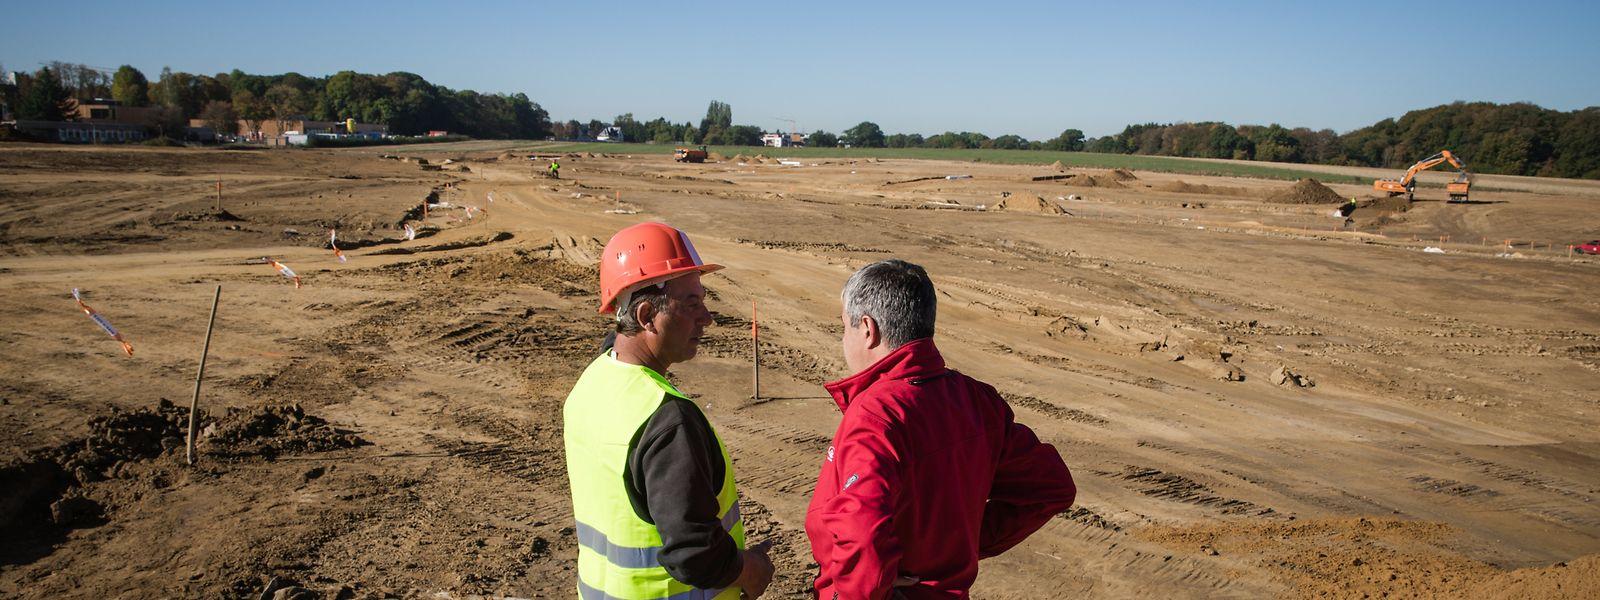 Près de 750 logements seront construits dans les années à venir sur 27 hectares de terrain près d'Olm. Soit trois nouveaux lotissements qui formeront ensemble le nouveau village d'Elmen.